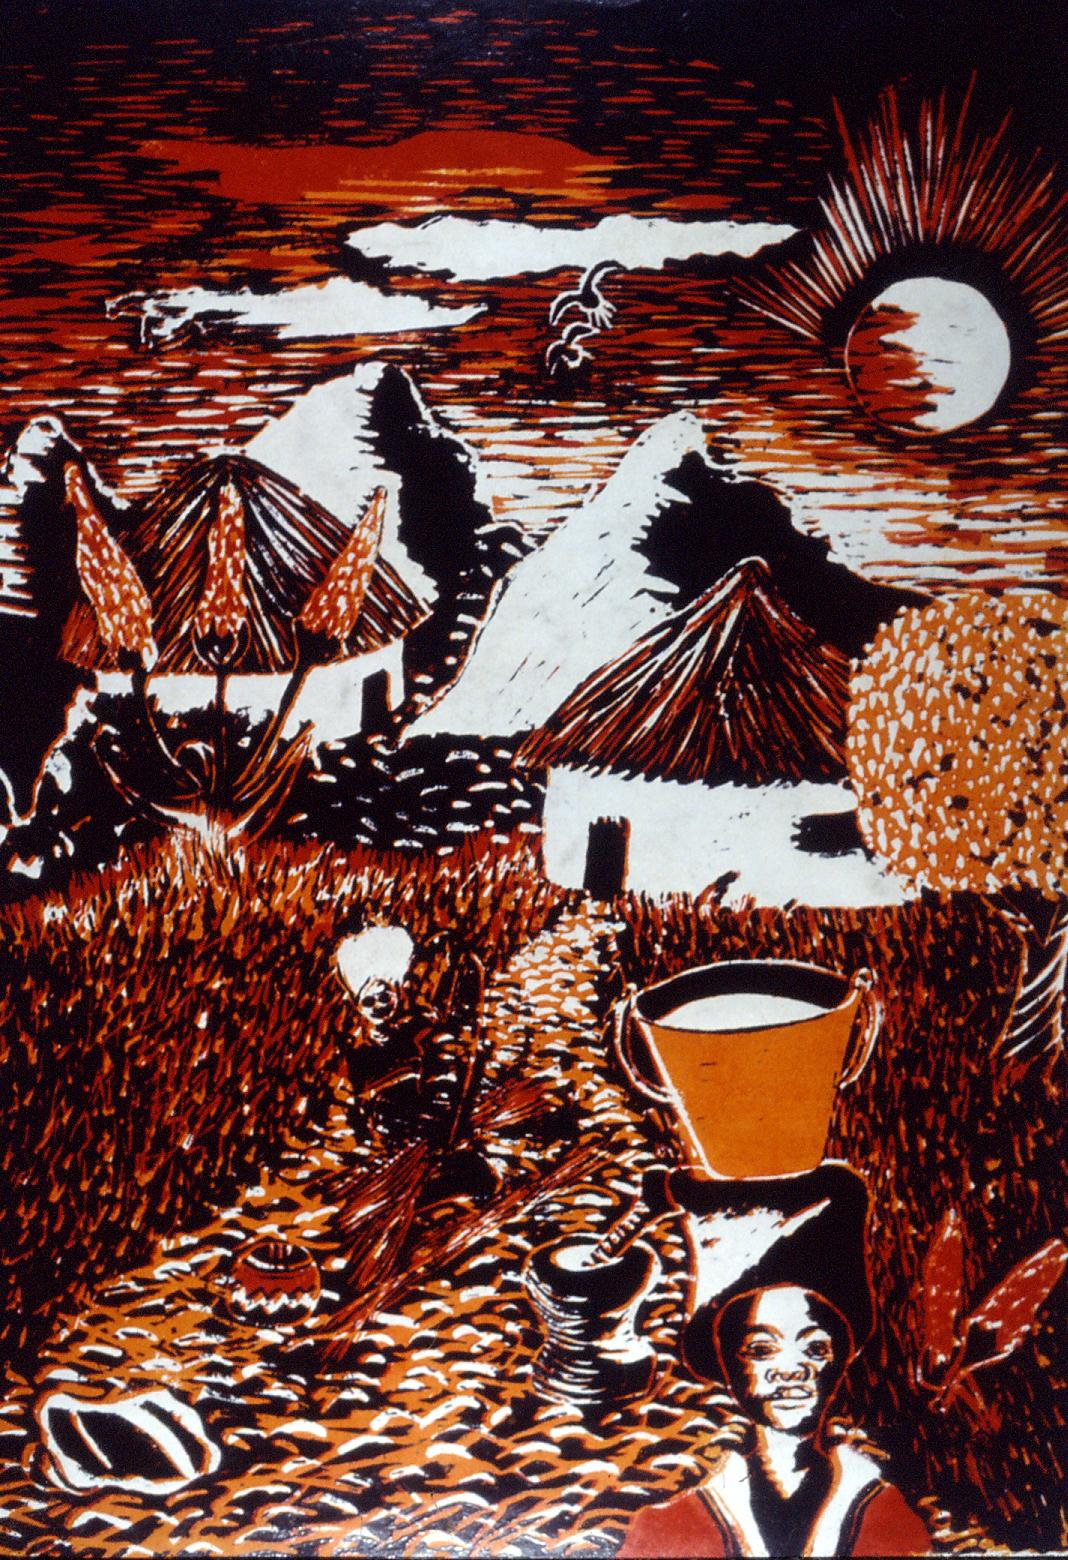 Thembinkosi Ntsele, Way Back Home, 1987.